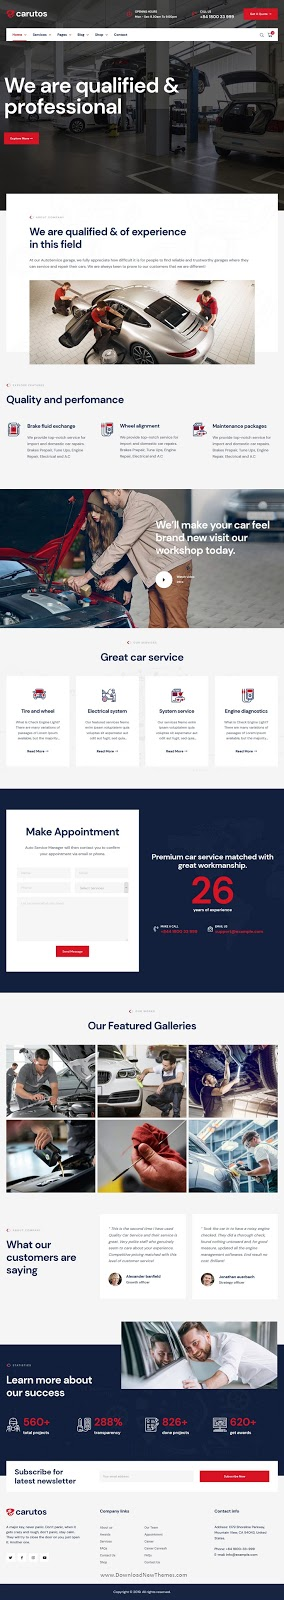 Car Services WordPress Theme